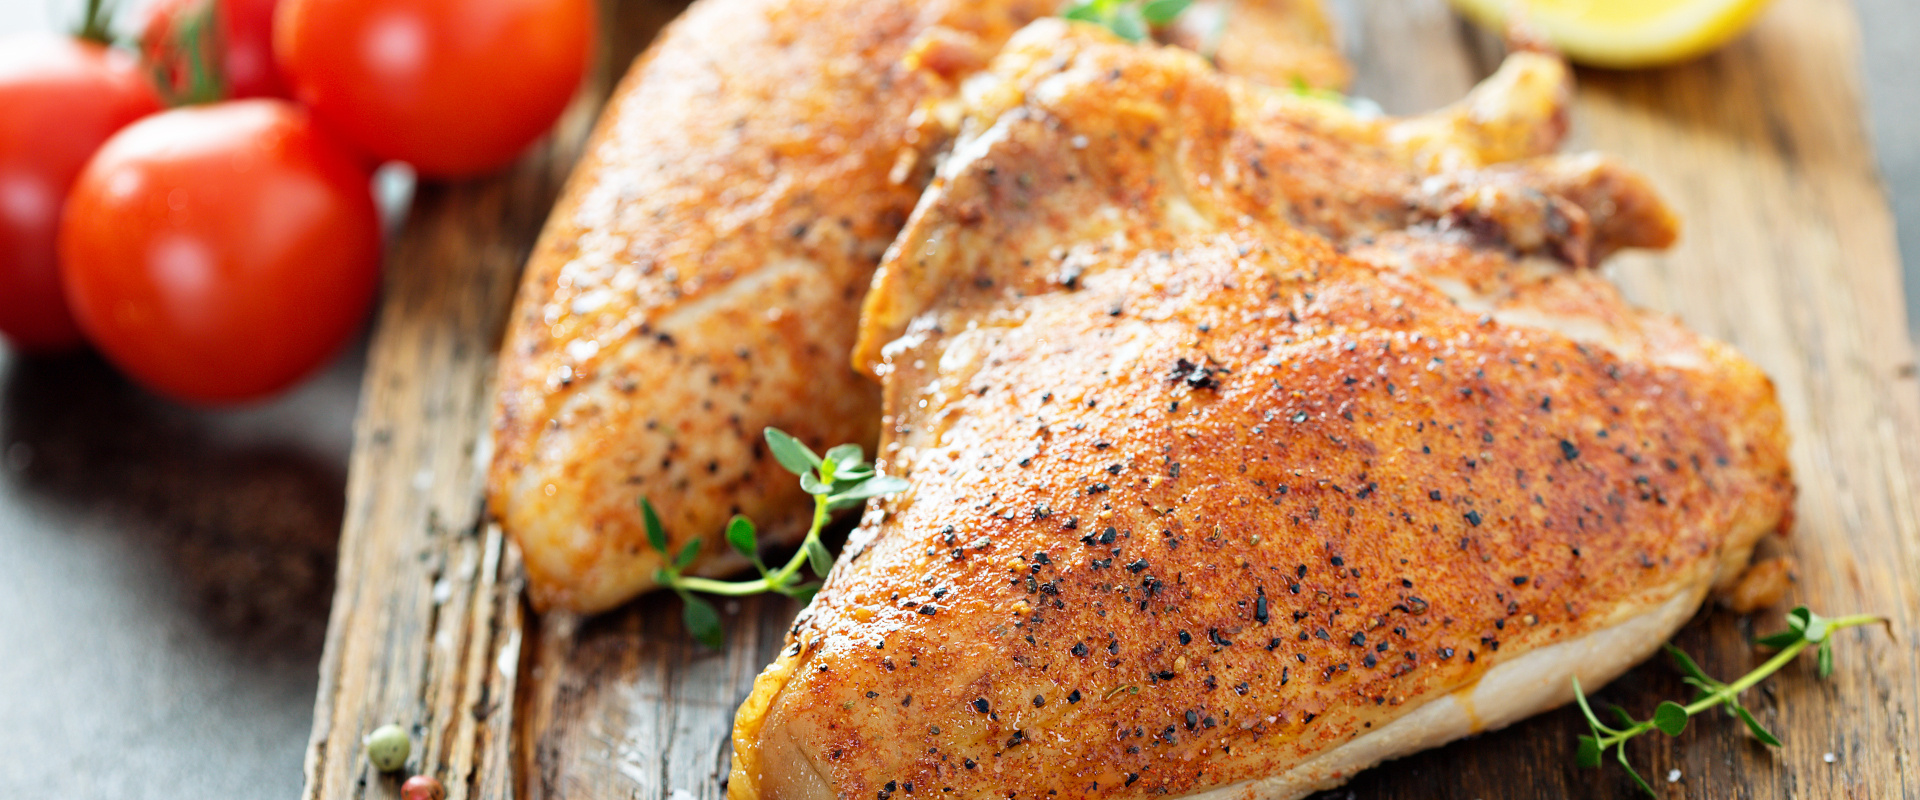 vajjal sült csirkemell cover